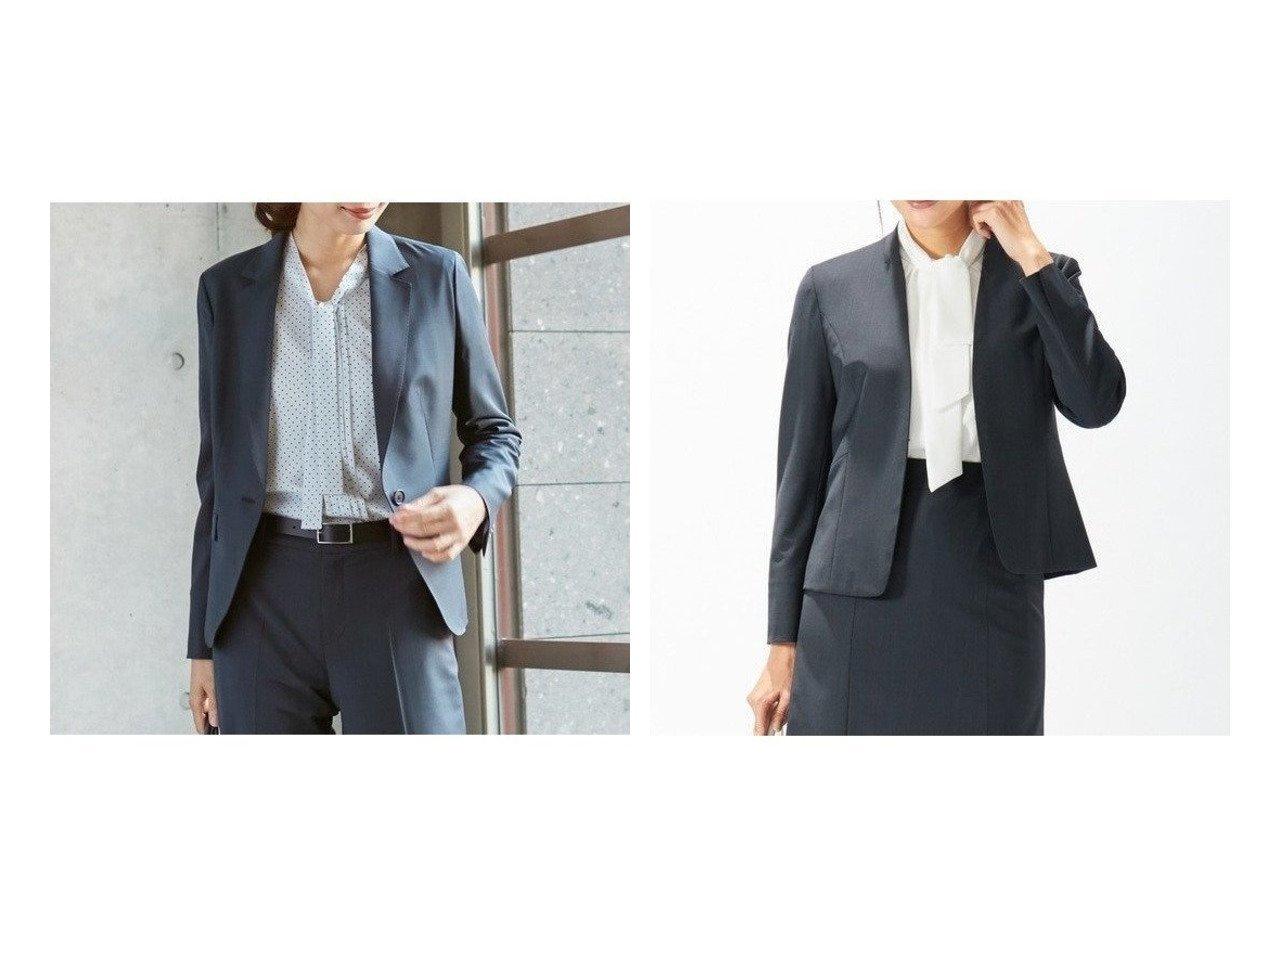 【J.PRESS/ジェイ プレス】の【スーツ】BAHARIYEネイビー テーラードジャケット&【スーツ】BAHARIYE ネイビー ノーカラージャケット アウターのおすすめ!人気、トレンド・レディースファッションの通販 おすすめで人気の流行・トレンド、ファッションの通販商品 メンズファッション・キッズファッション・インテリア・家具・レディースファッション・服の通販 founy(ファニー) https://founy.com/ ファッション Fashion レディースファッション WOMEN アウター Coat Outerwear ジャケット Jackets テーラードジャケット Tailored Jackets スーツ Suits スーツ ジャケット Jacket ノーカラージャケット No Collar Leather Jackets ジャケット ストレッチ スーツ セットアップ チェック ボトム 無地 送料無料 Free Shipping  ID:crp329100000015030